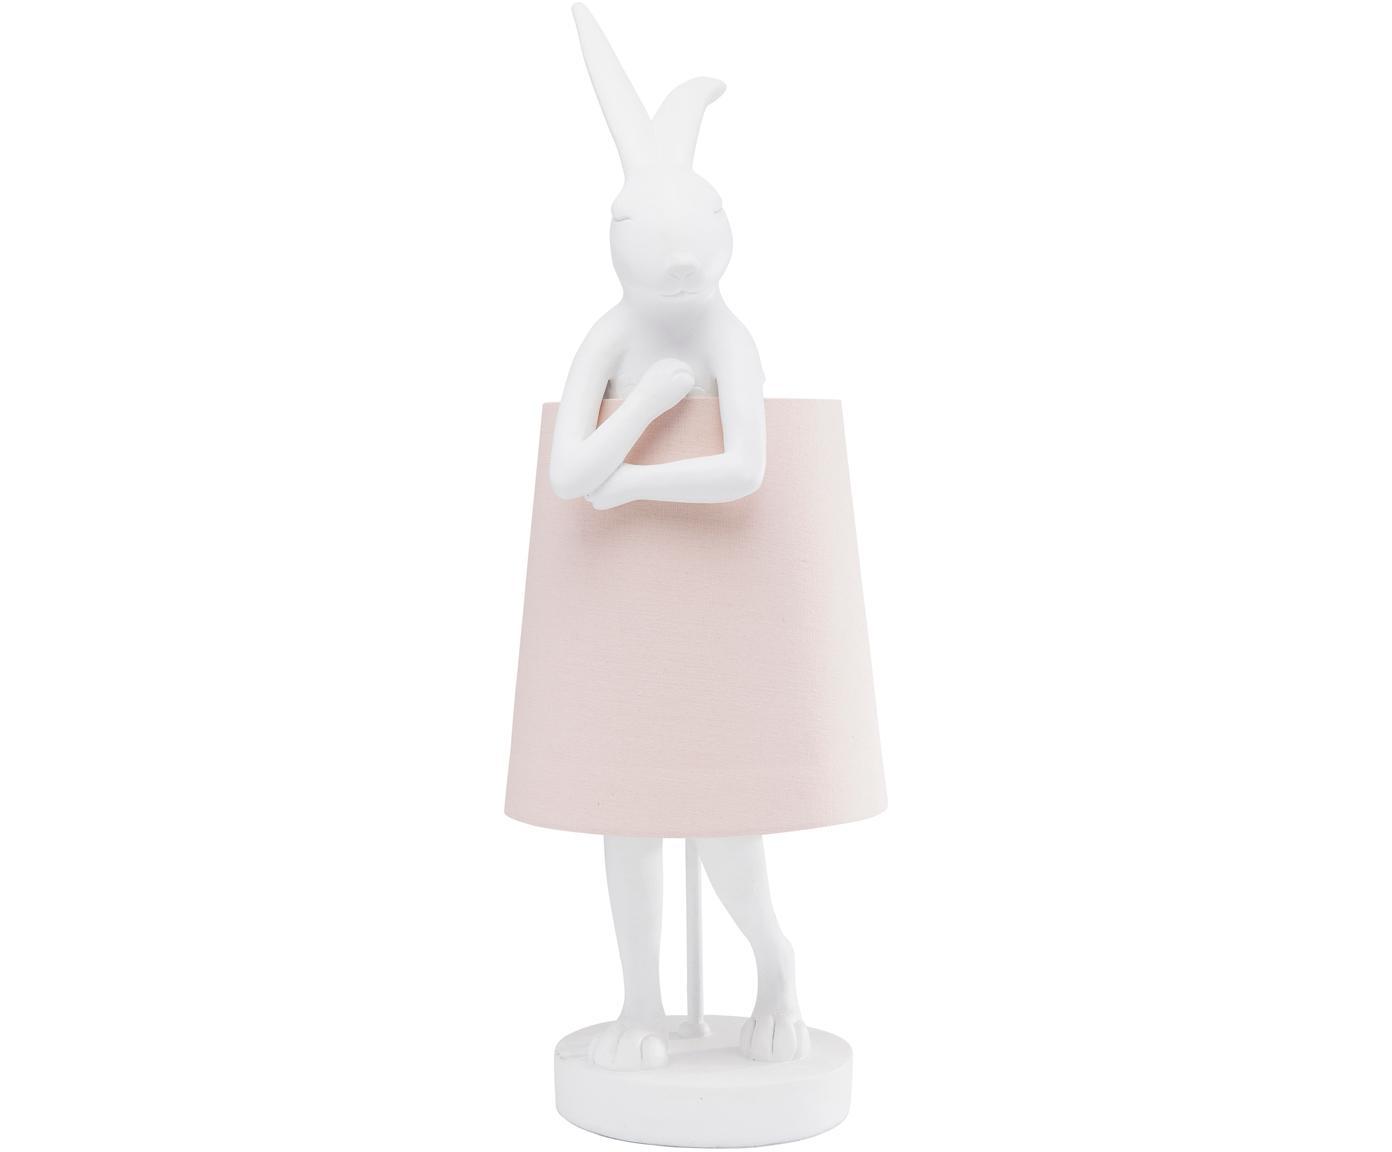 Lámpara de mesa de diseñoRabbit, Pantalla: lino, Estructura: poliresina, Cable: plástico, Blanco, rosa, Ø 23 x Al 68 cm